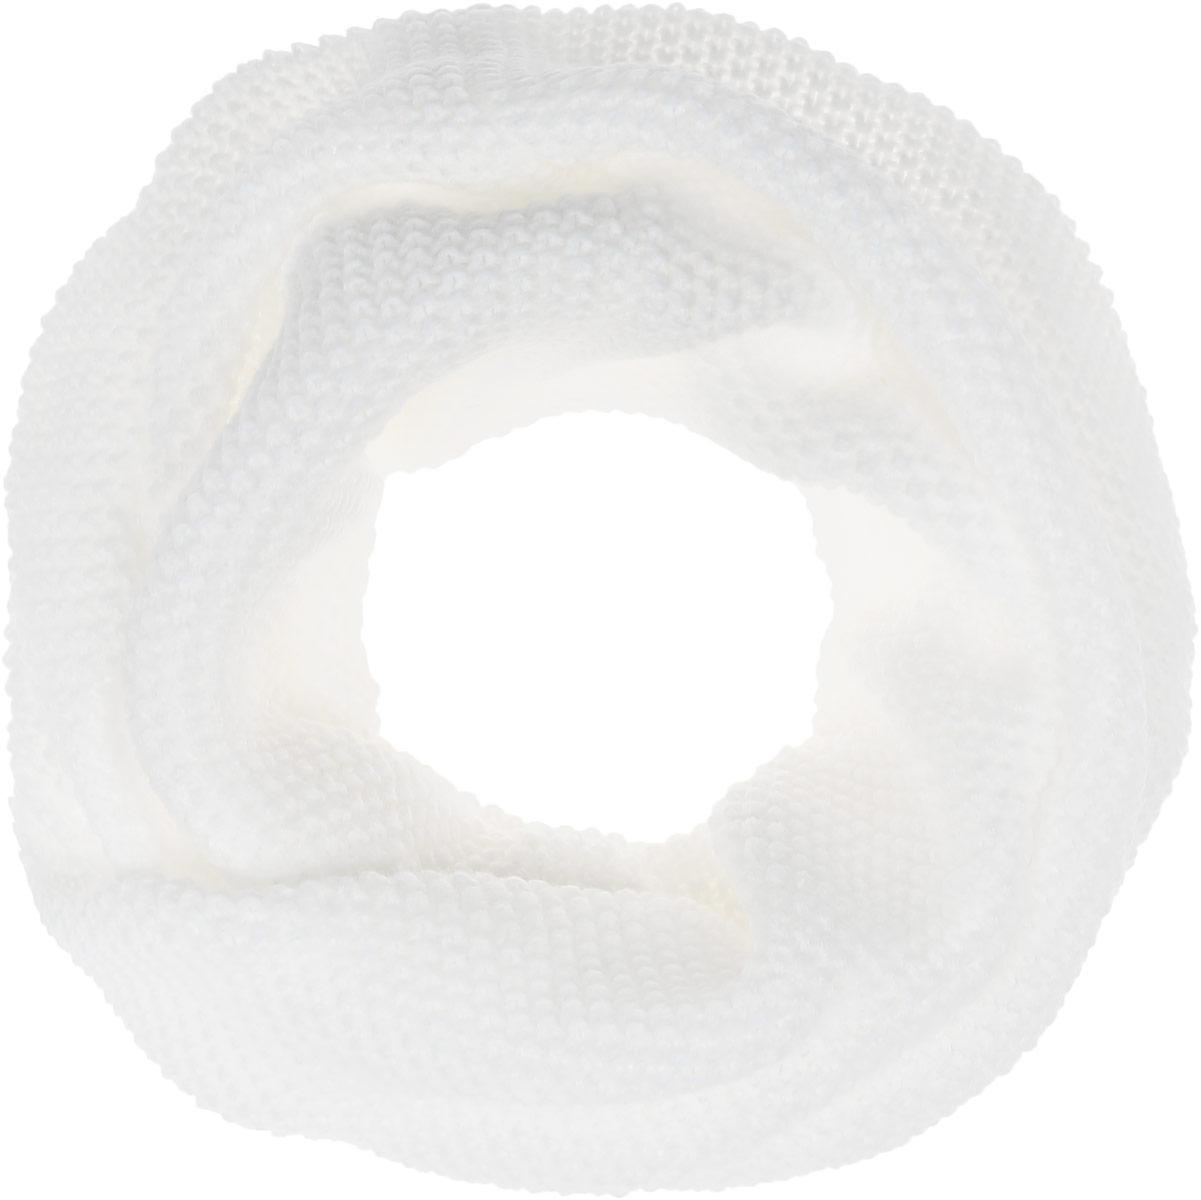 Снуд-хомутB337_LIGHT GREYЖенский вязаный снуд-хомут Baon выполнен из шерсти и акрила. Модель связана кольцом, сужается сзади и красиво драпируется спереди, имитируя шейный платок.